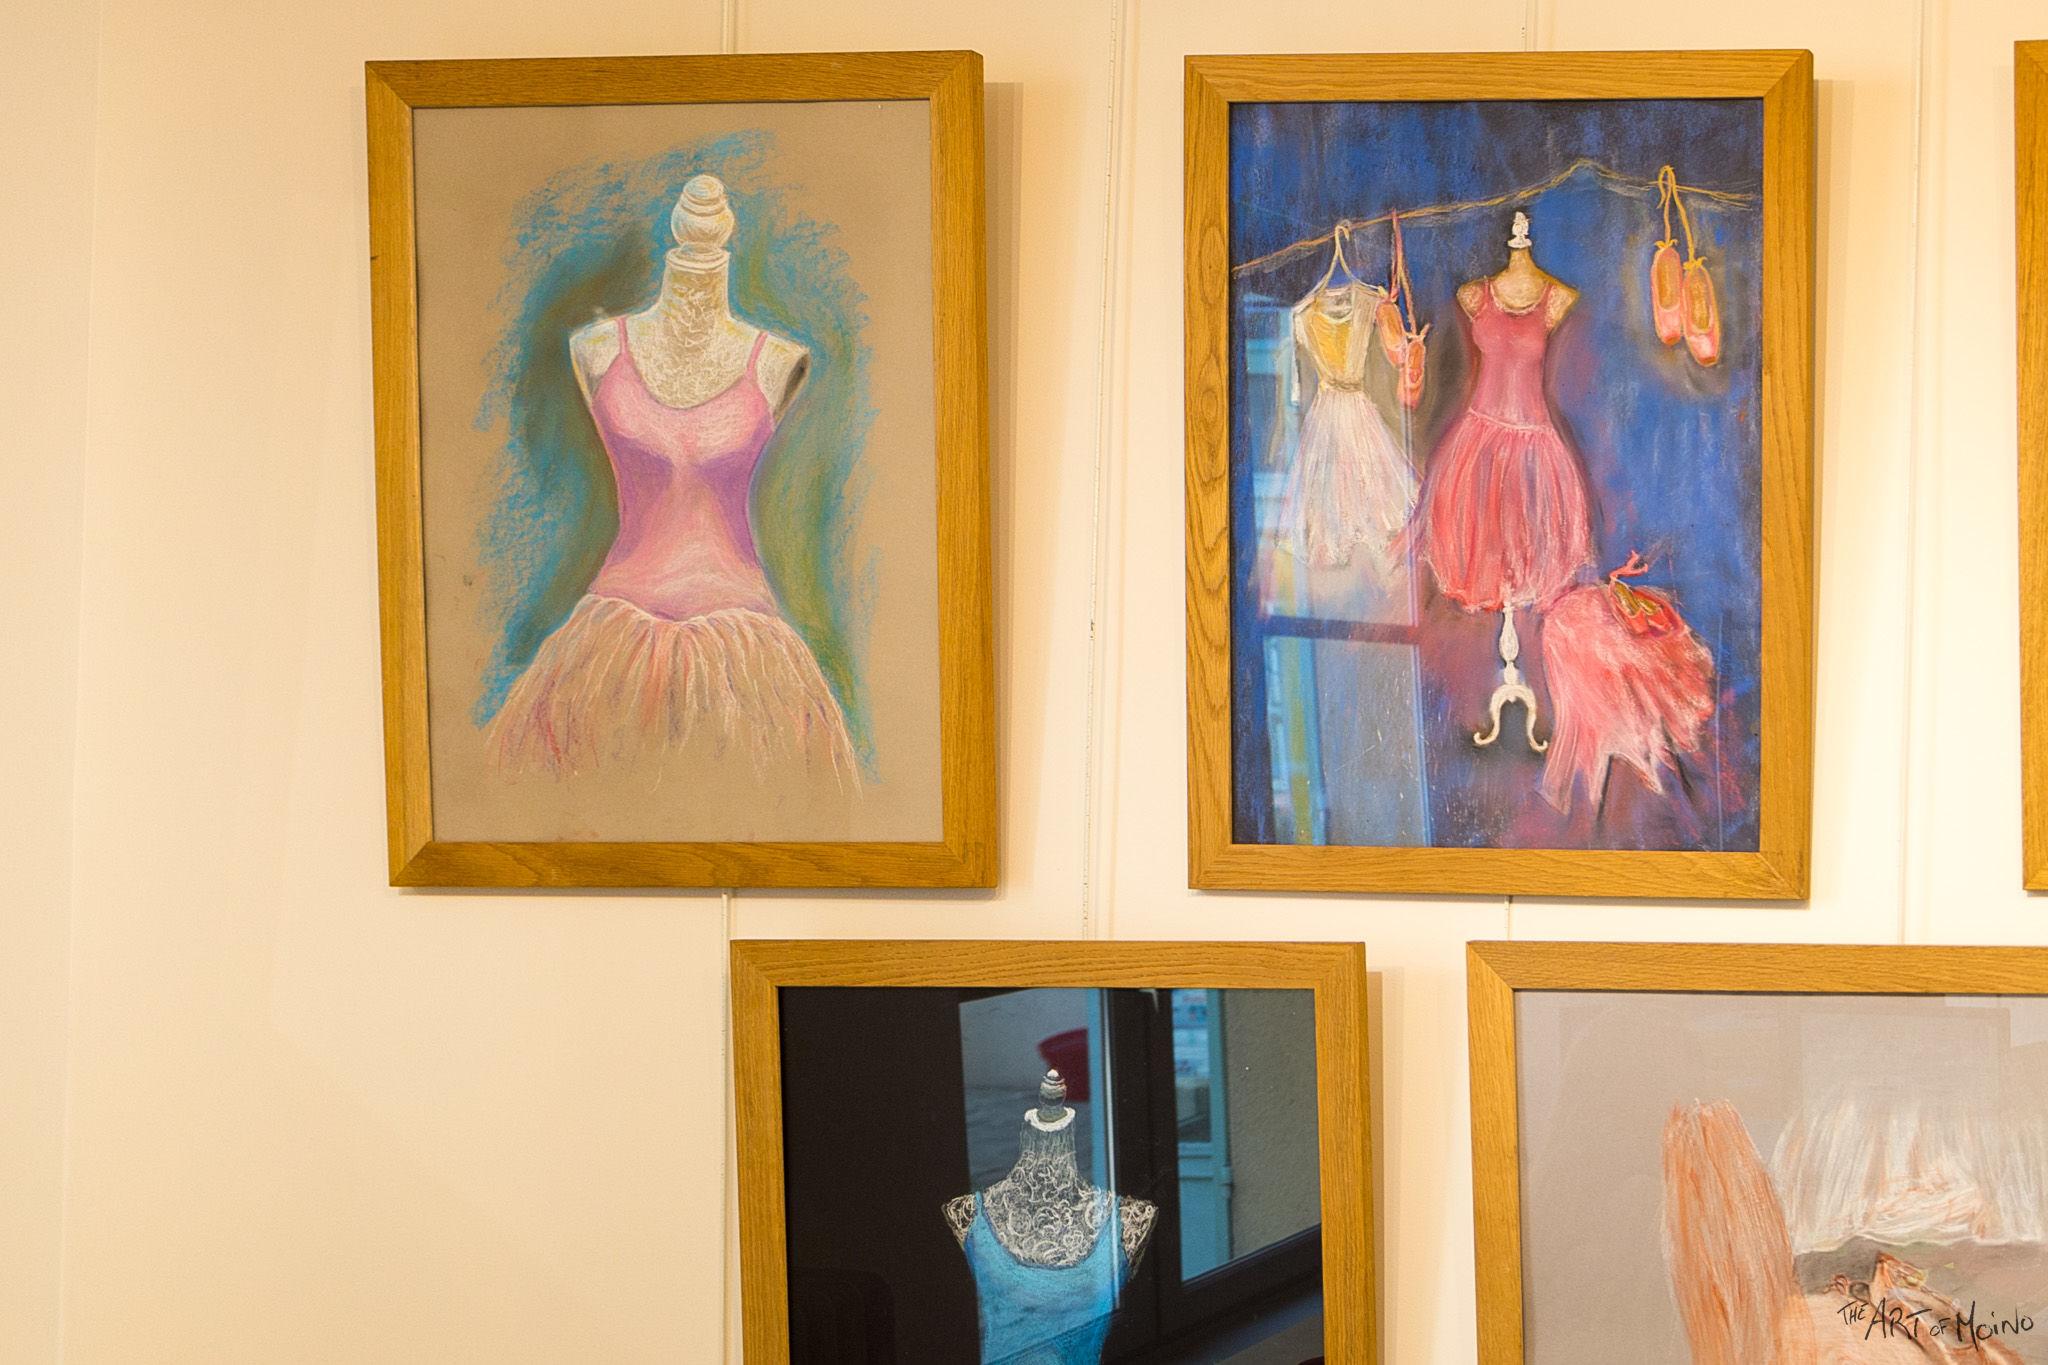 (en haut à gauche) Mon dessin au pastels, à la mini-expo de l'Usine à Chapeaux à Rambouillet